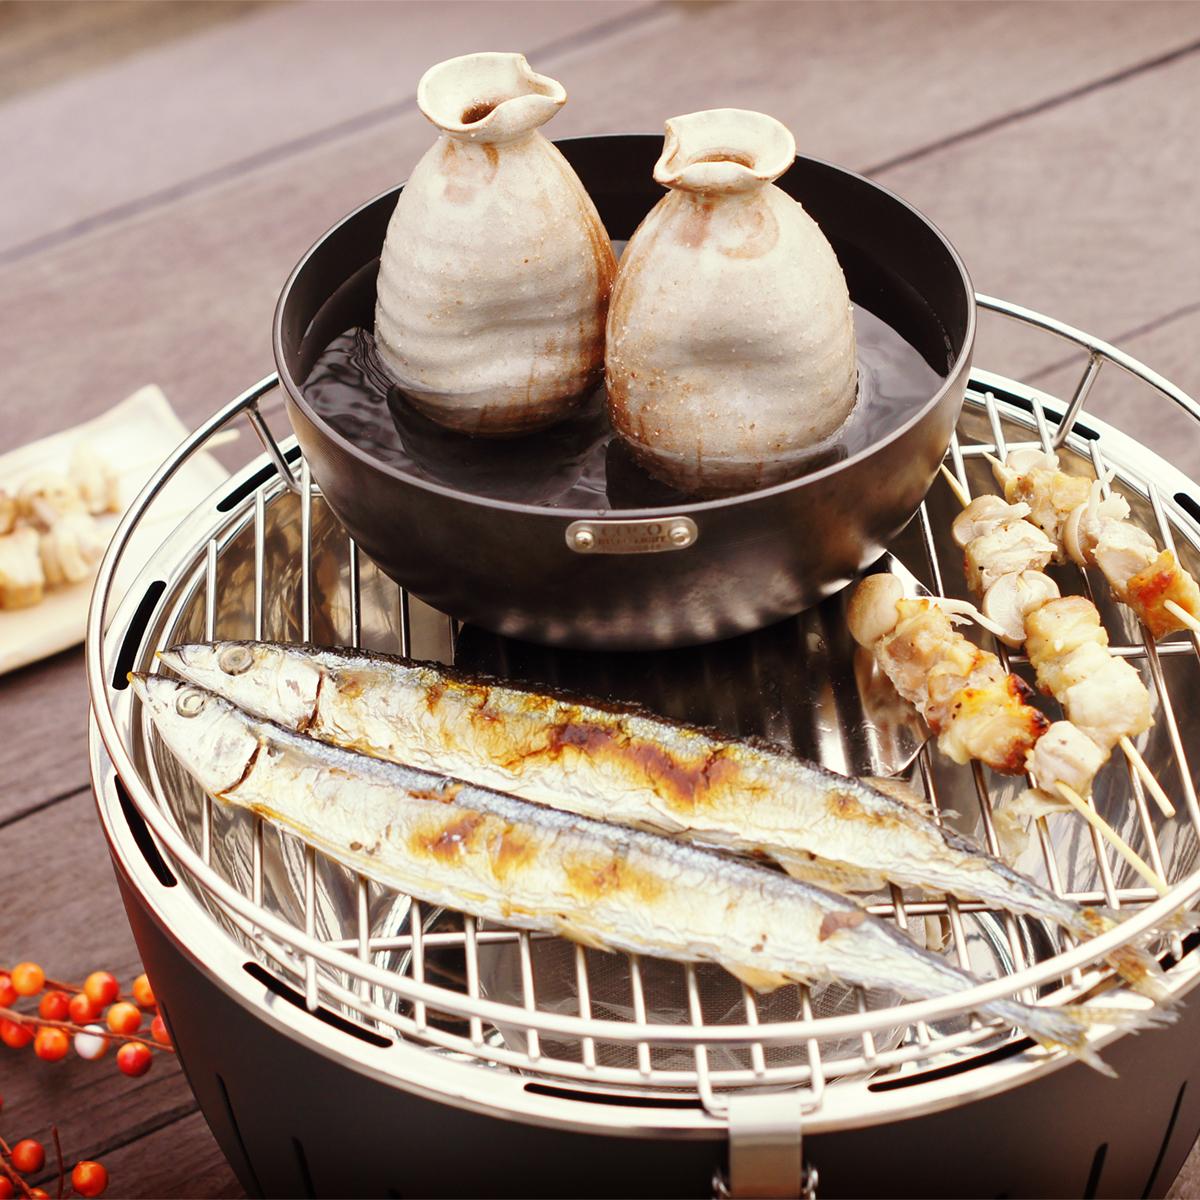 ふたり分の食材を焼けるサイズ感。グリルを挟んで大切な人とふたりでゆっくり晩酌したくなる「炭火焼グリル」(ミニサイズ、1人用・2人用)|Lotus Grill